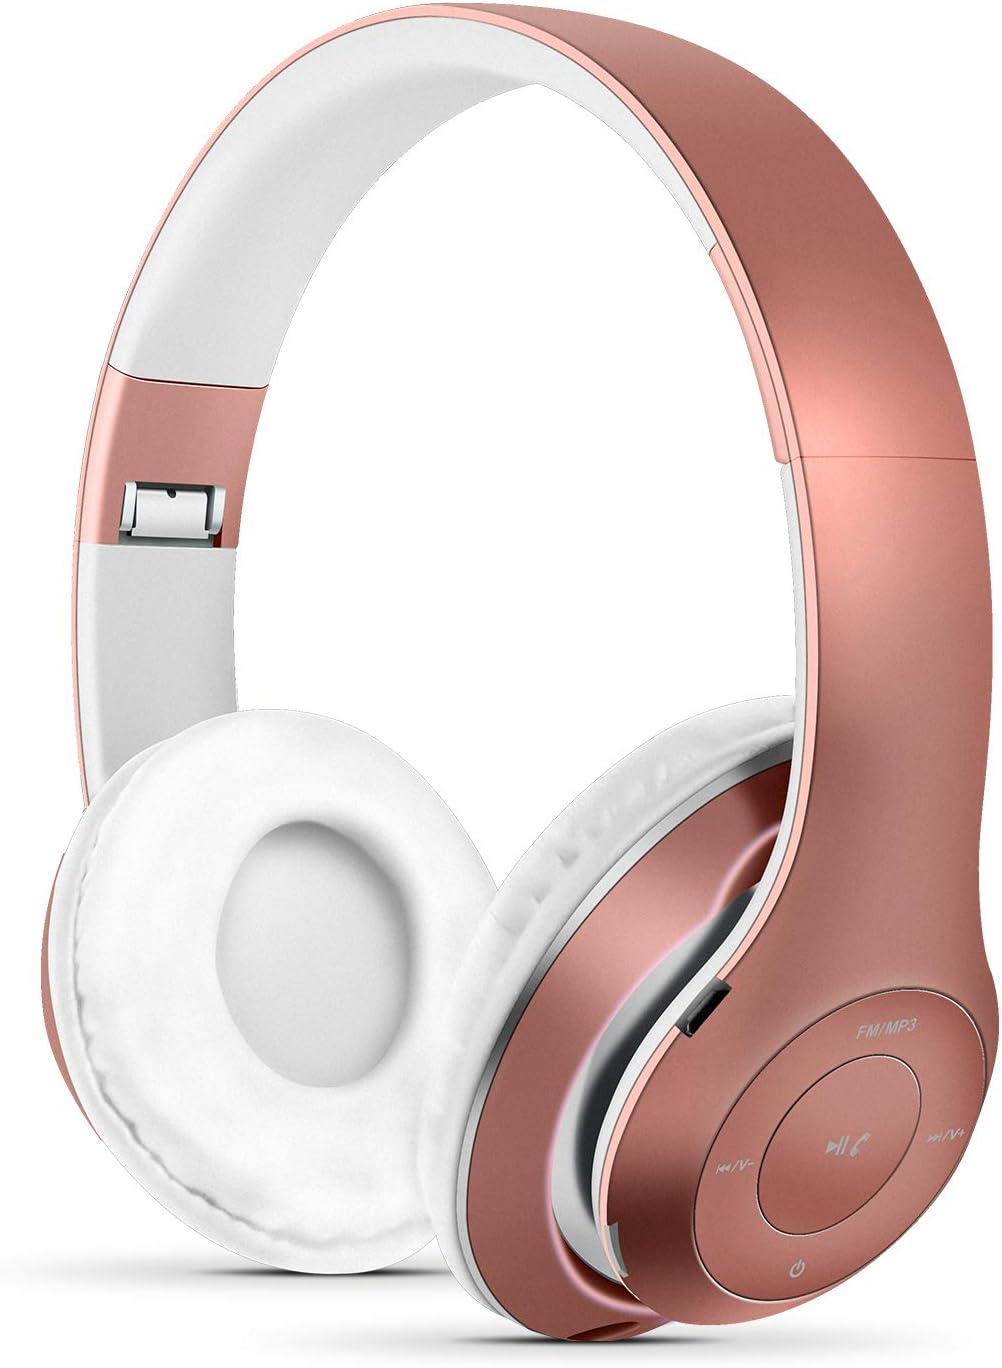 Auriculares Inalámbricos Bluetooth, Wireless Headphones Plegables con Micrófono, Estéreo Auriculares de Diadema para Smartphones, PC, TV, Tableta: Amazon.es: Electrónica